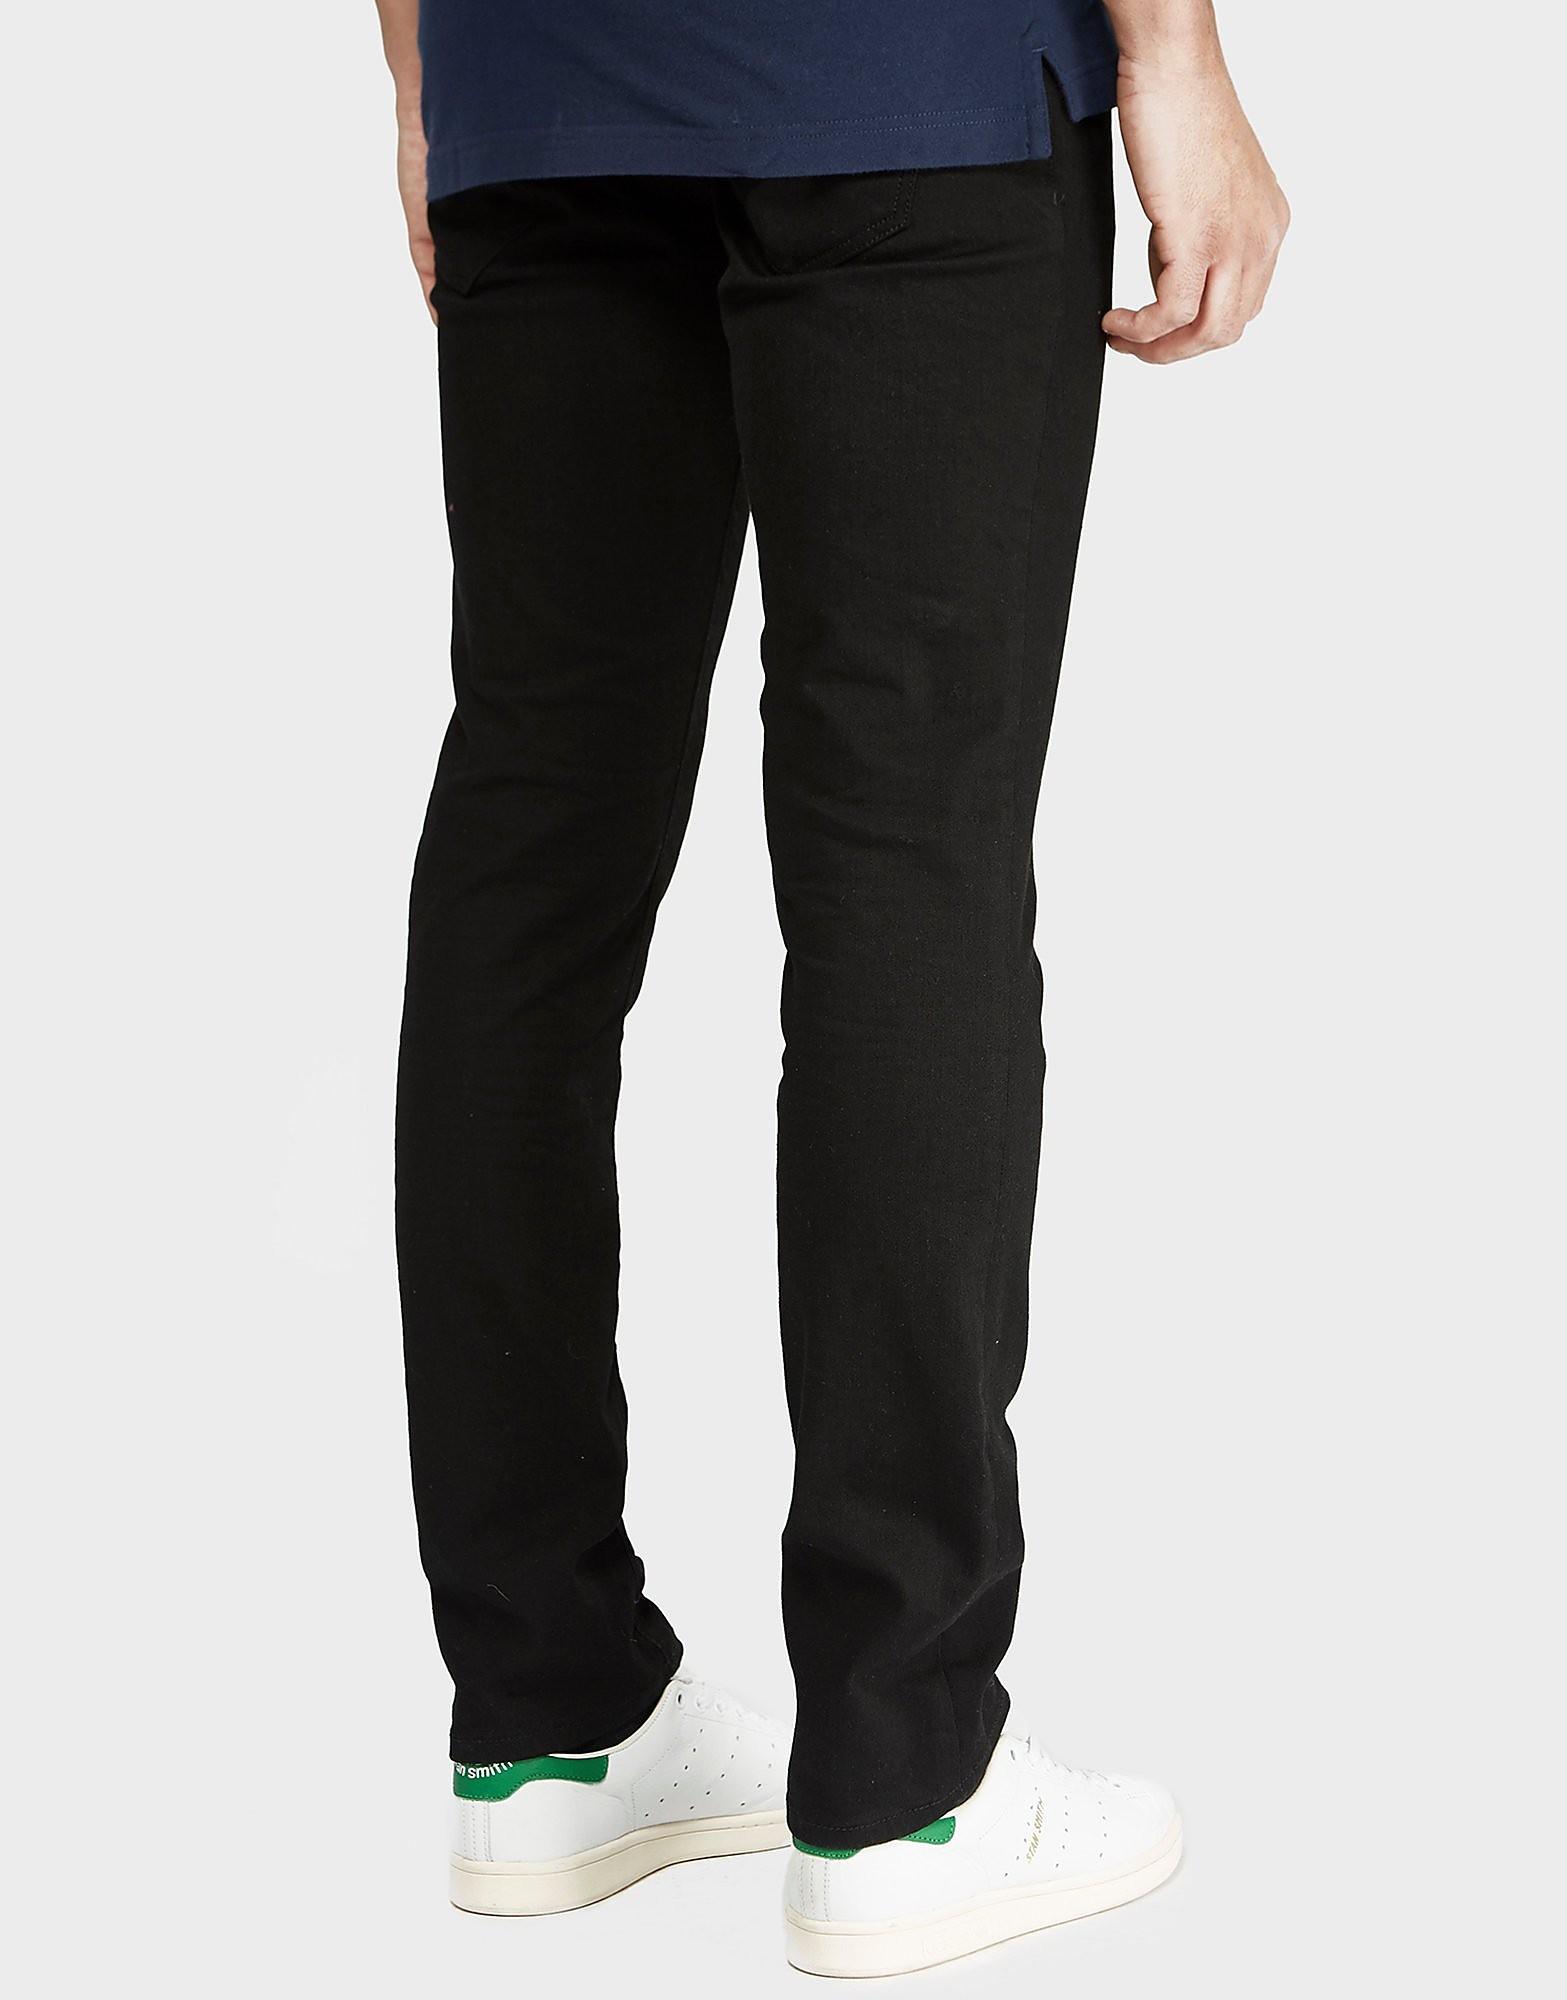 Tommy Hilfiger Slim Scanton Jeans